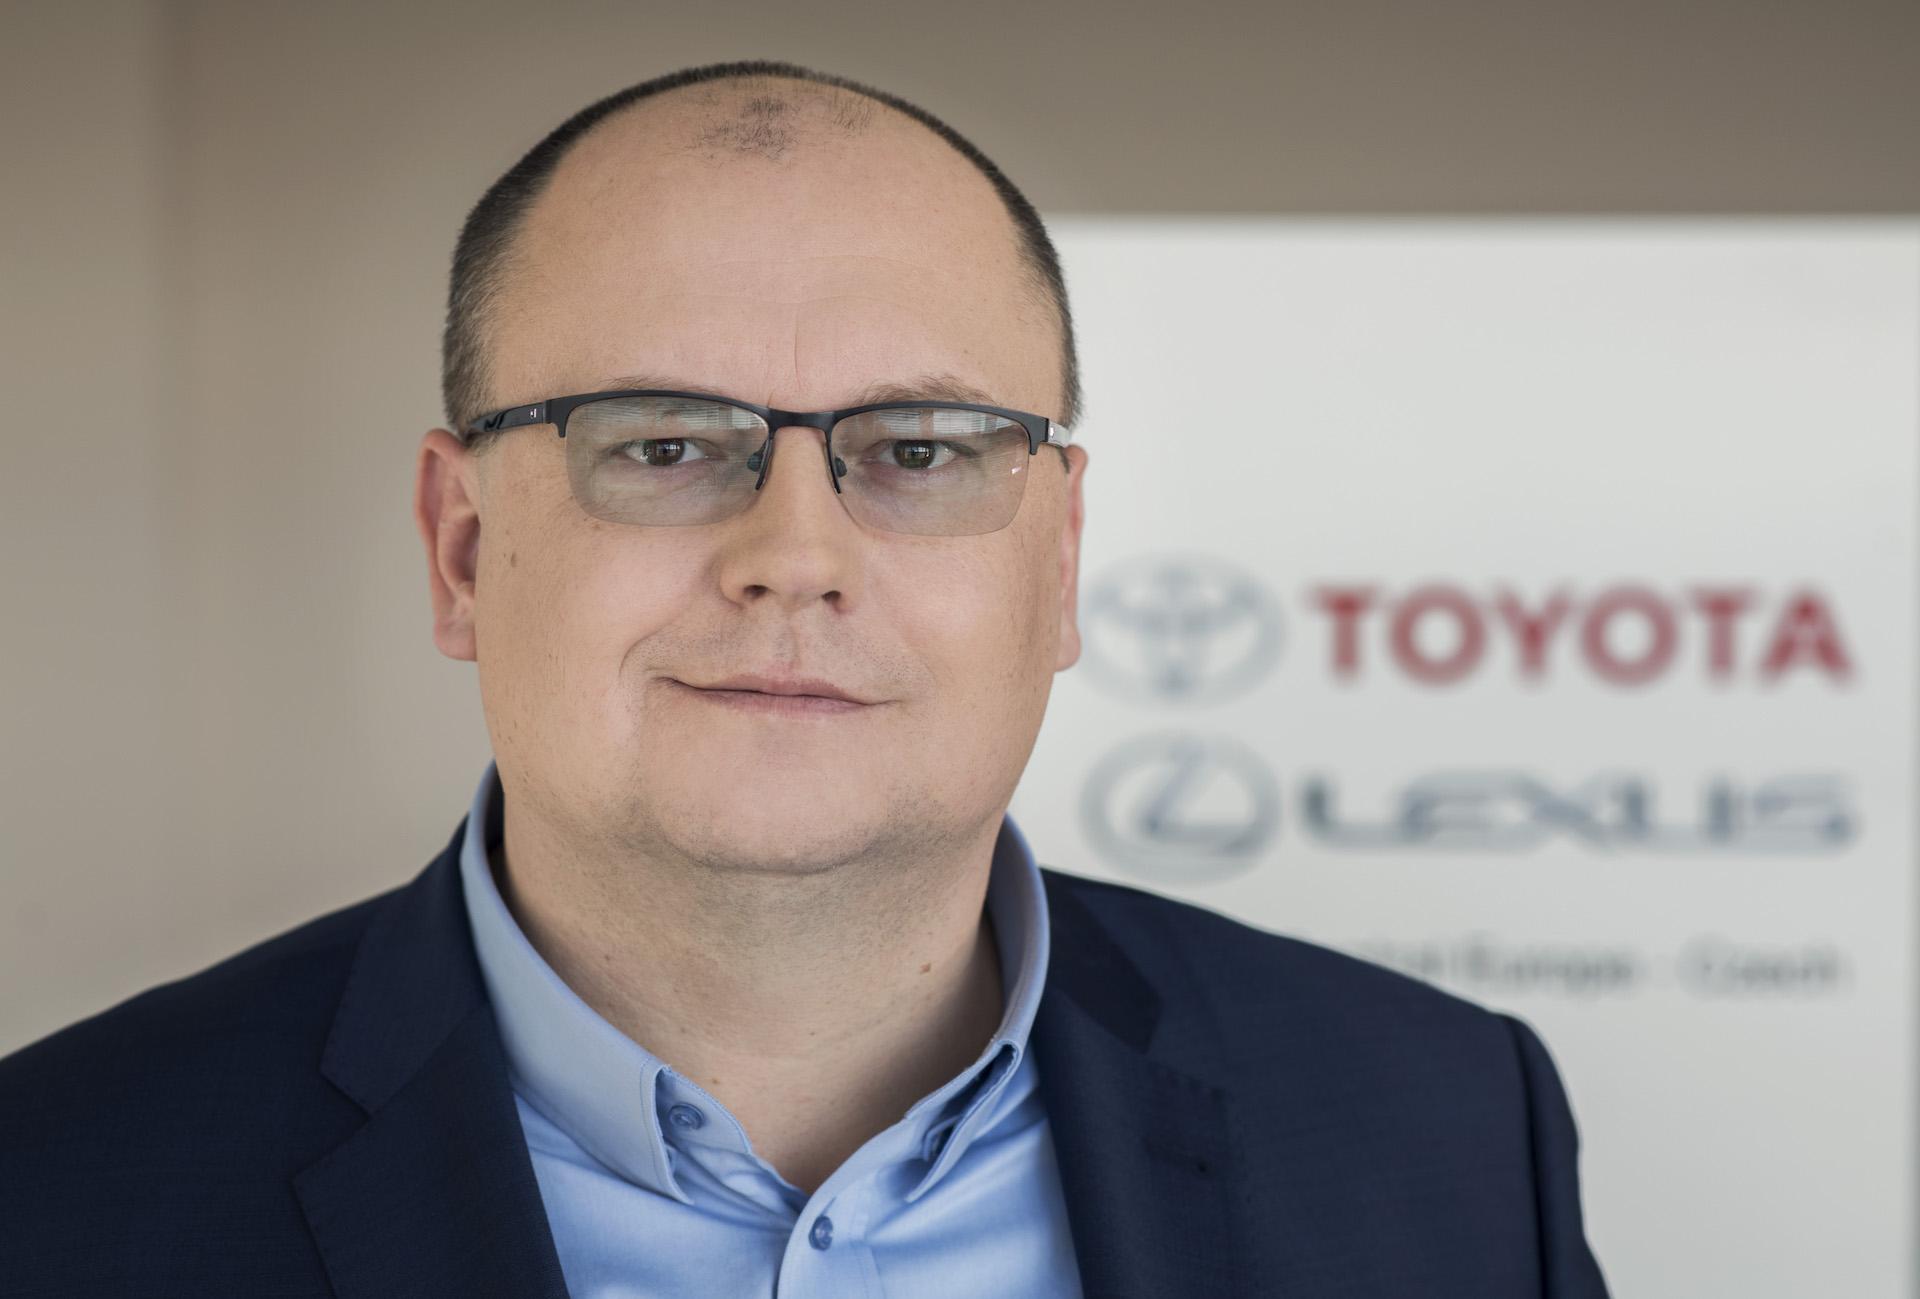 Šéf české Toyoty Martin Peleška